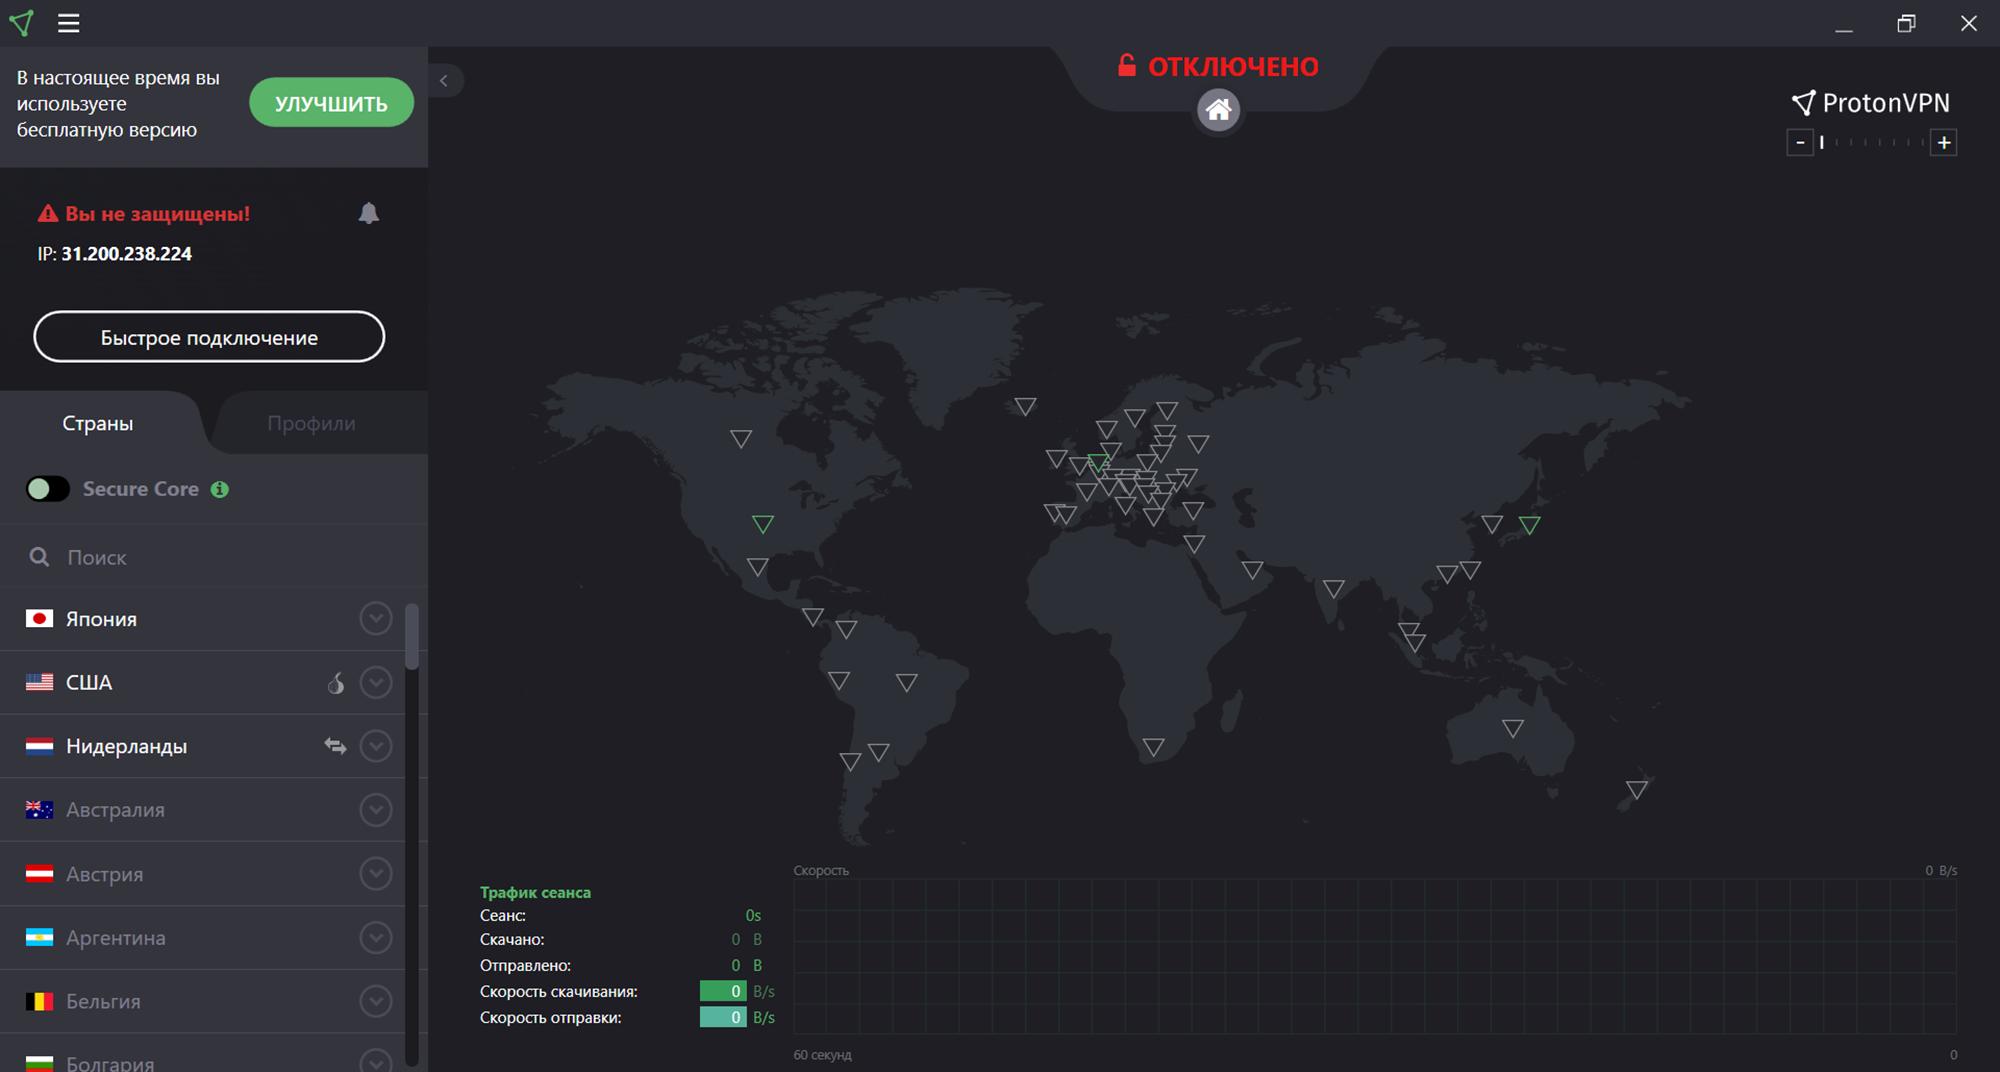 Так выглядит клиент сервиса ProtonVPN. Справа — карта мира с треугольниками, каждый из которых обозначает доступный дляподключения сервер. В левом верхнем углу указан адрес пользователя — сейчас он настоящий и виден всему интернету